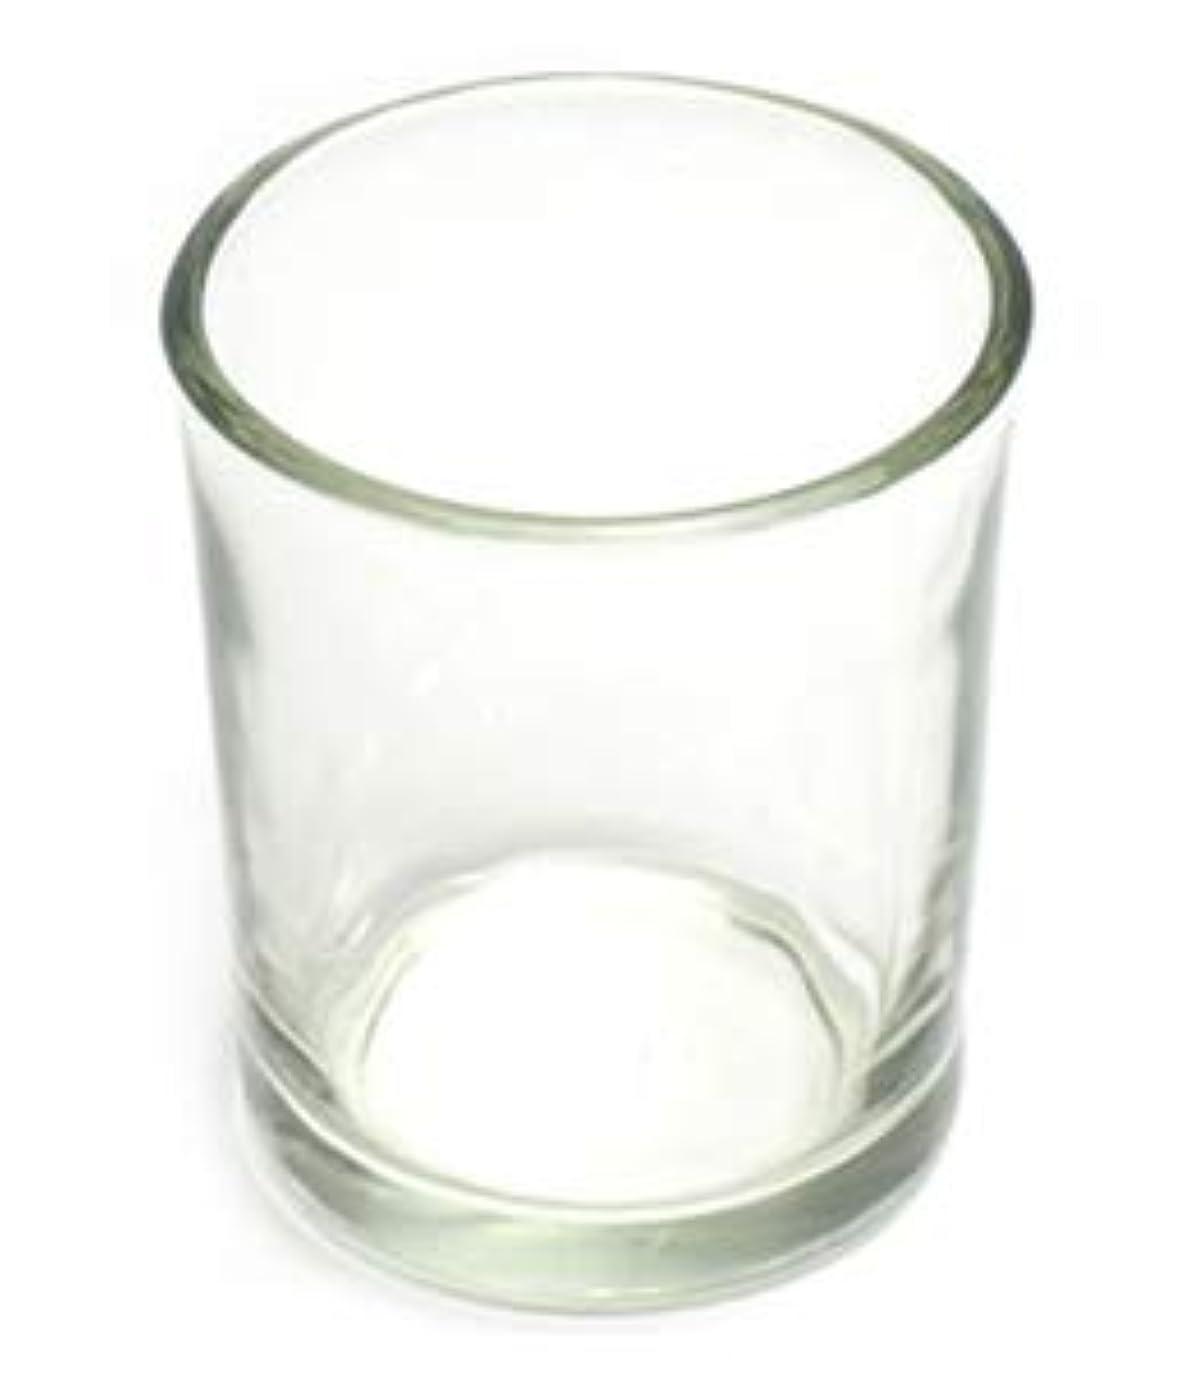 具体的に増幅する変位キャンドルホルダー ガラス シンプル[小] 192個【キャンドルスタンド 透明 クリア おしゃれ ろうそく立て】